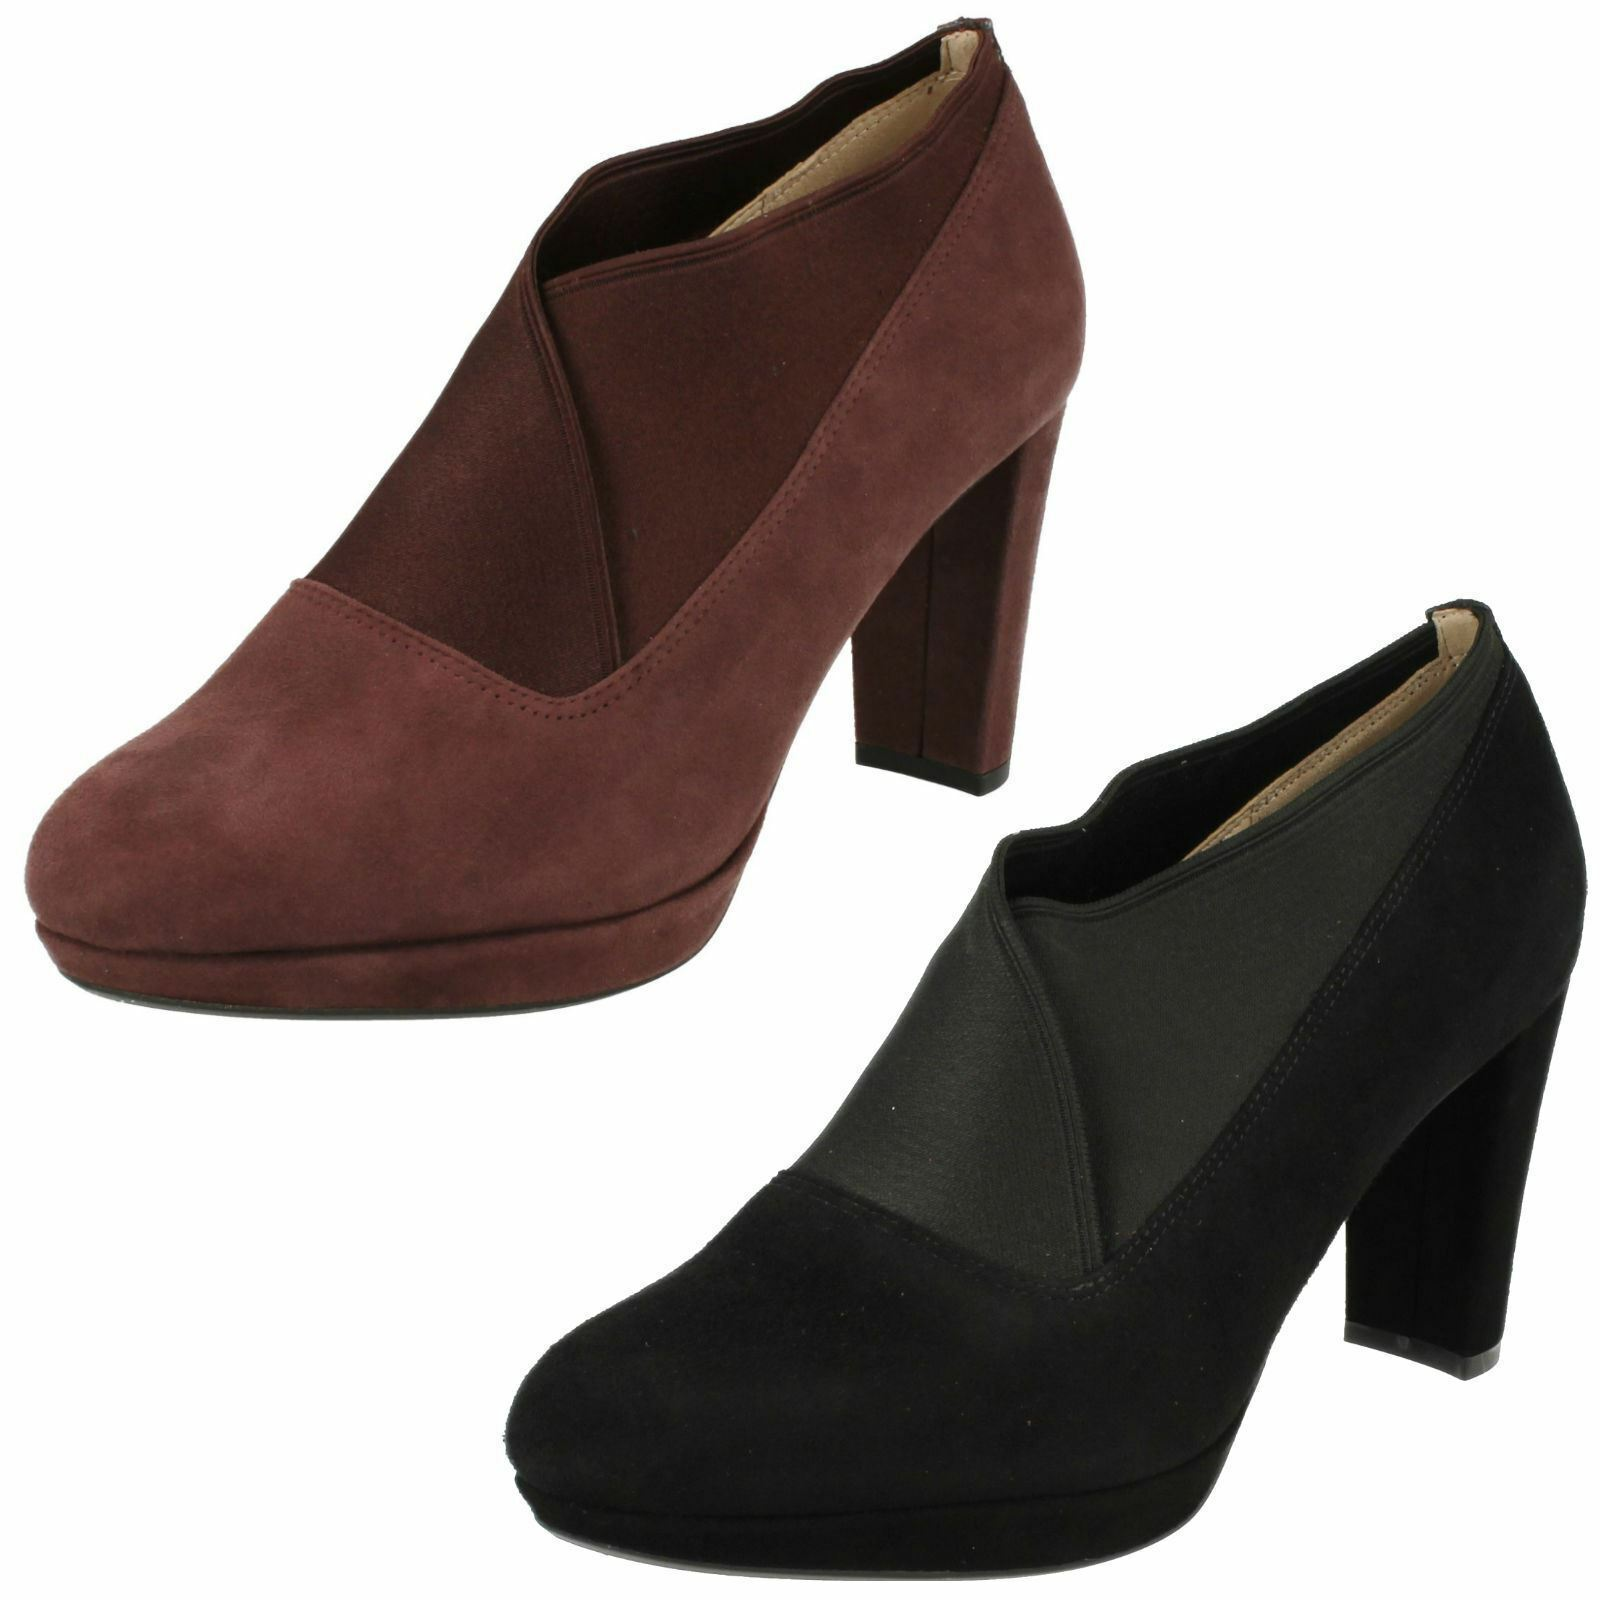 Damas Clarks Kendra Kendra Kendra Mezcla Negro Gamuza Cuero Inteligente Resbalón en Zapatos del pantalón  tienda de bajo costo